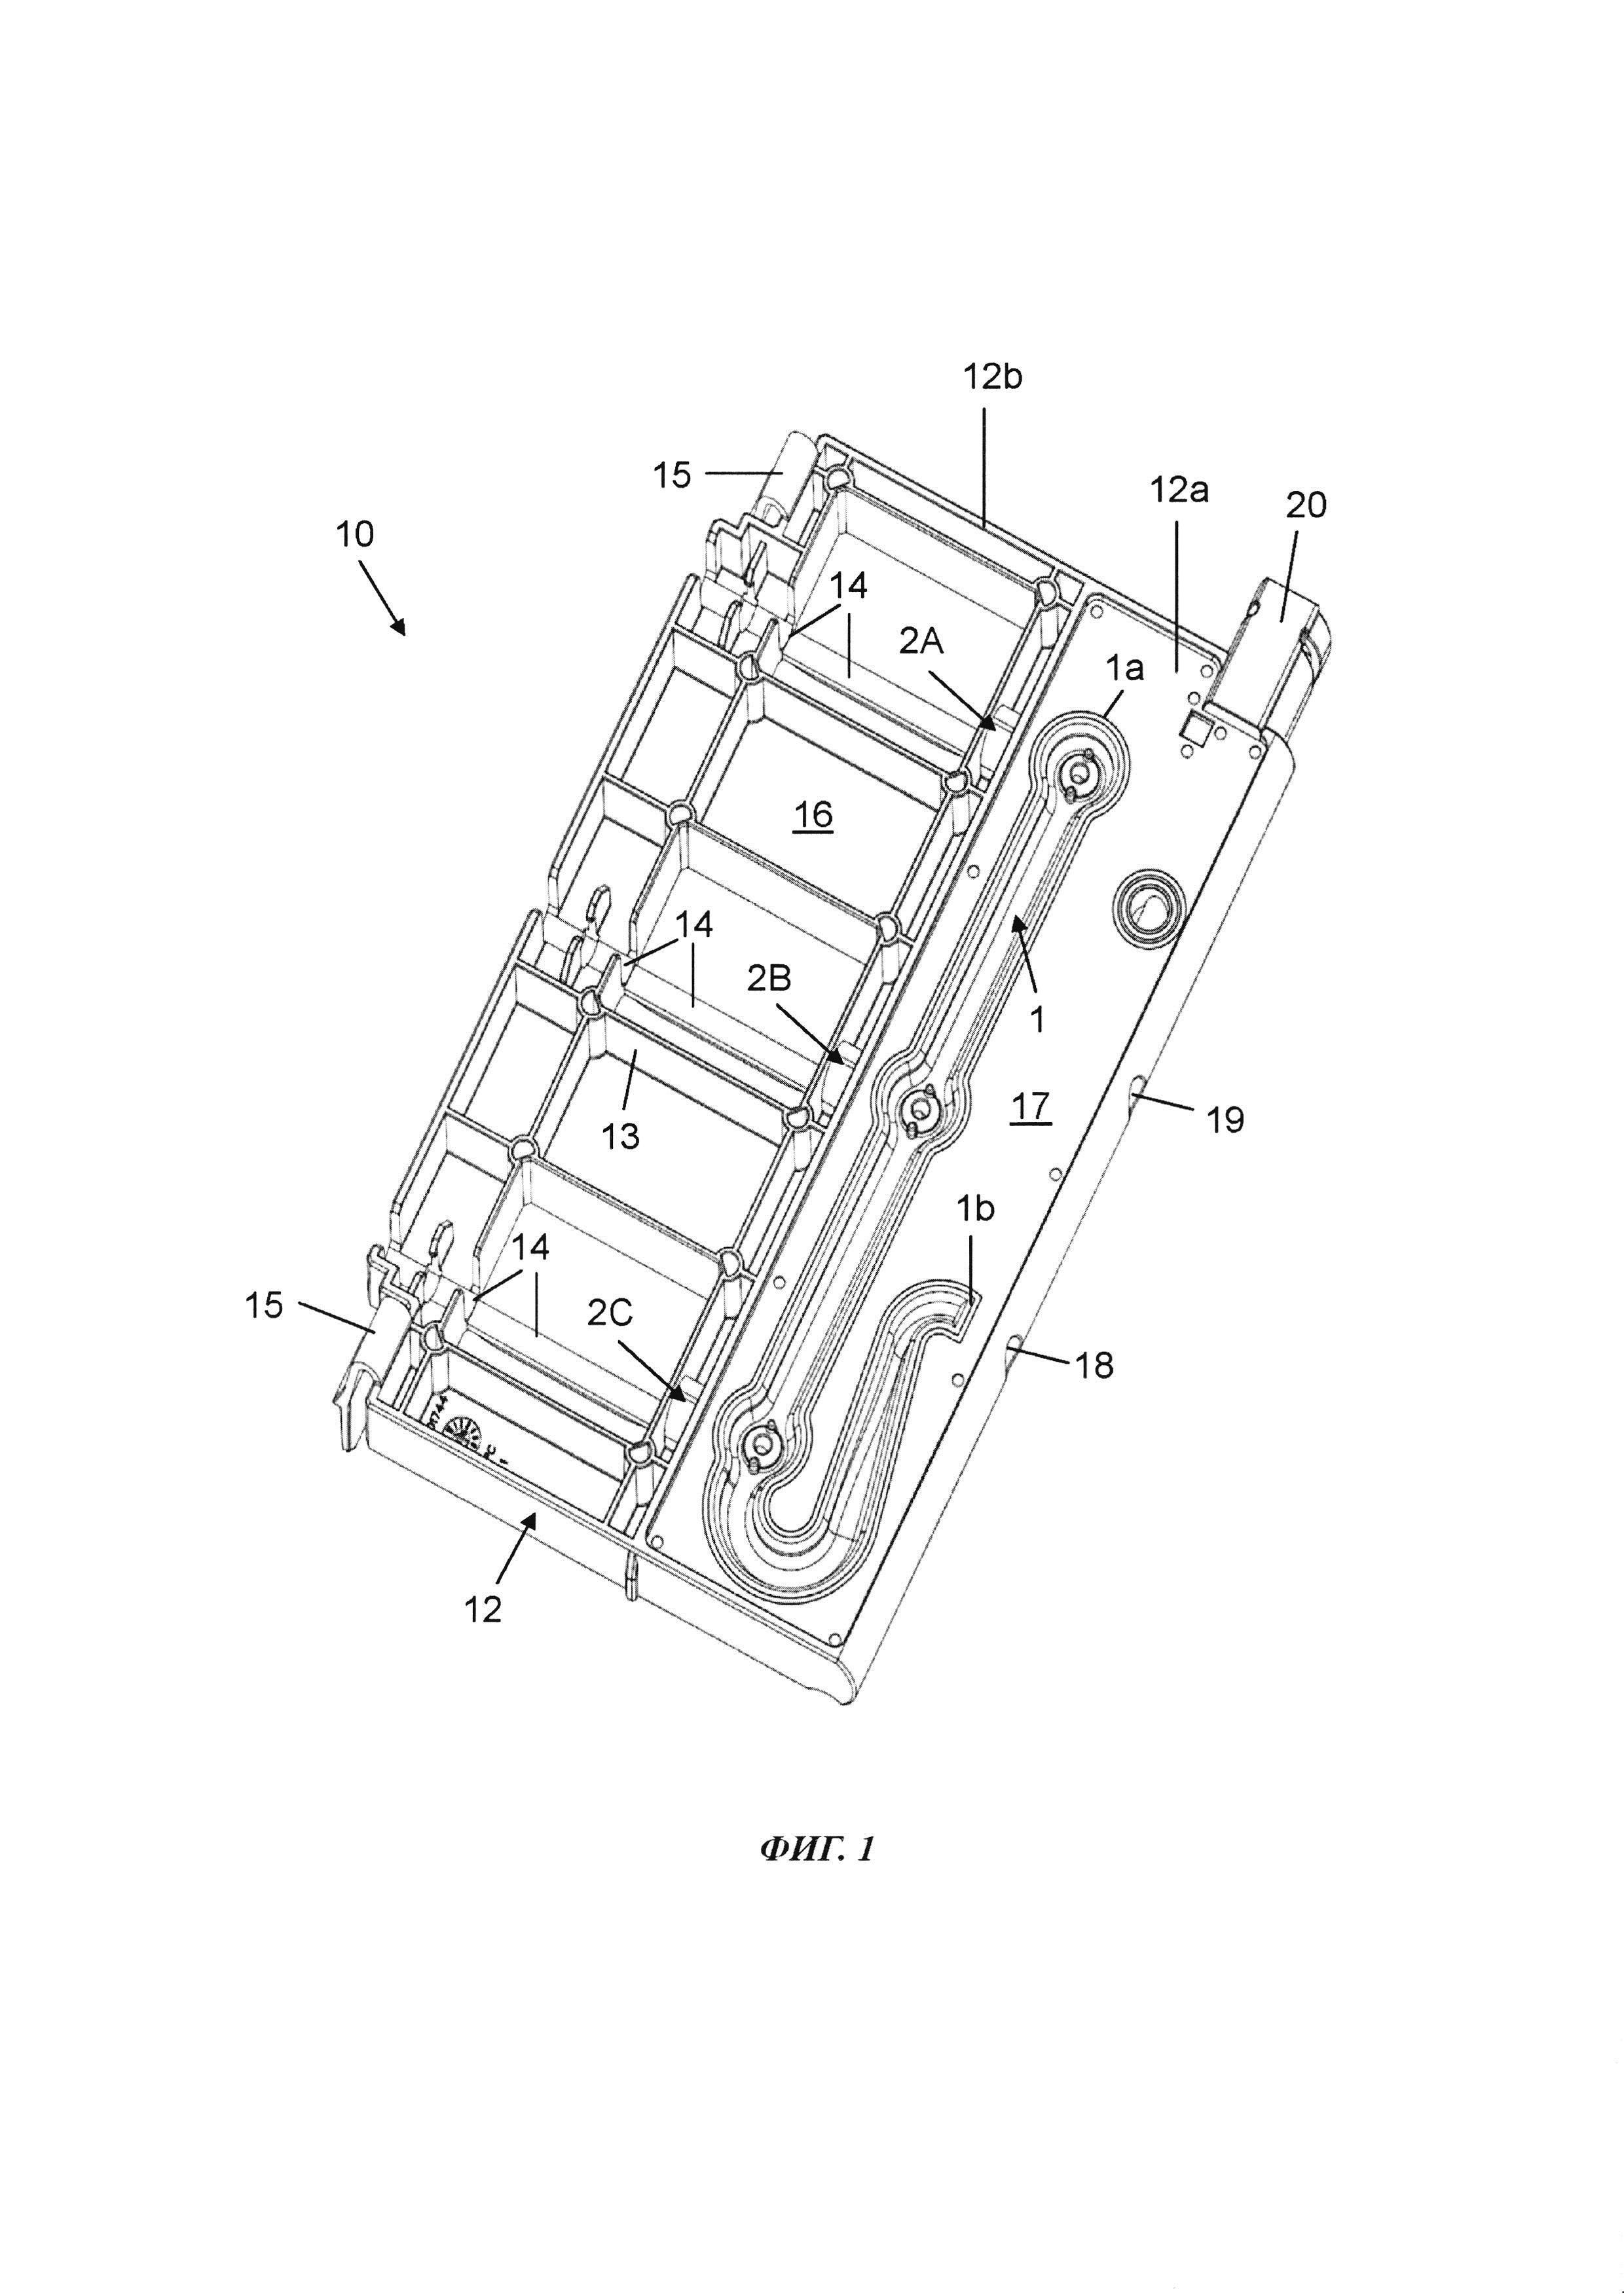 Устройство для транспортировки текучей среды, кассета для вставления в устройство подачи текучей среды и устройство для подачи текучей среды